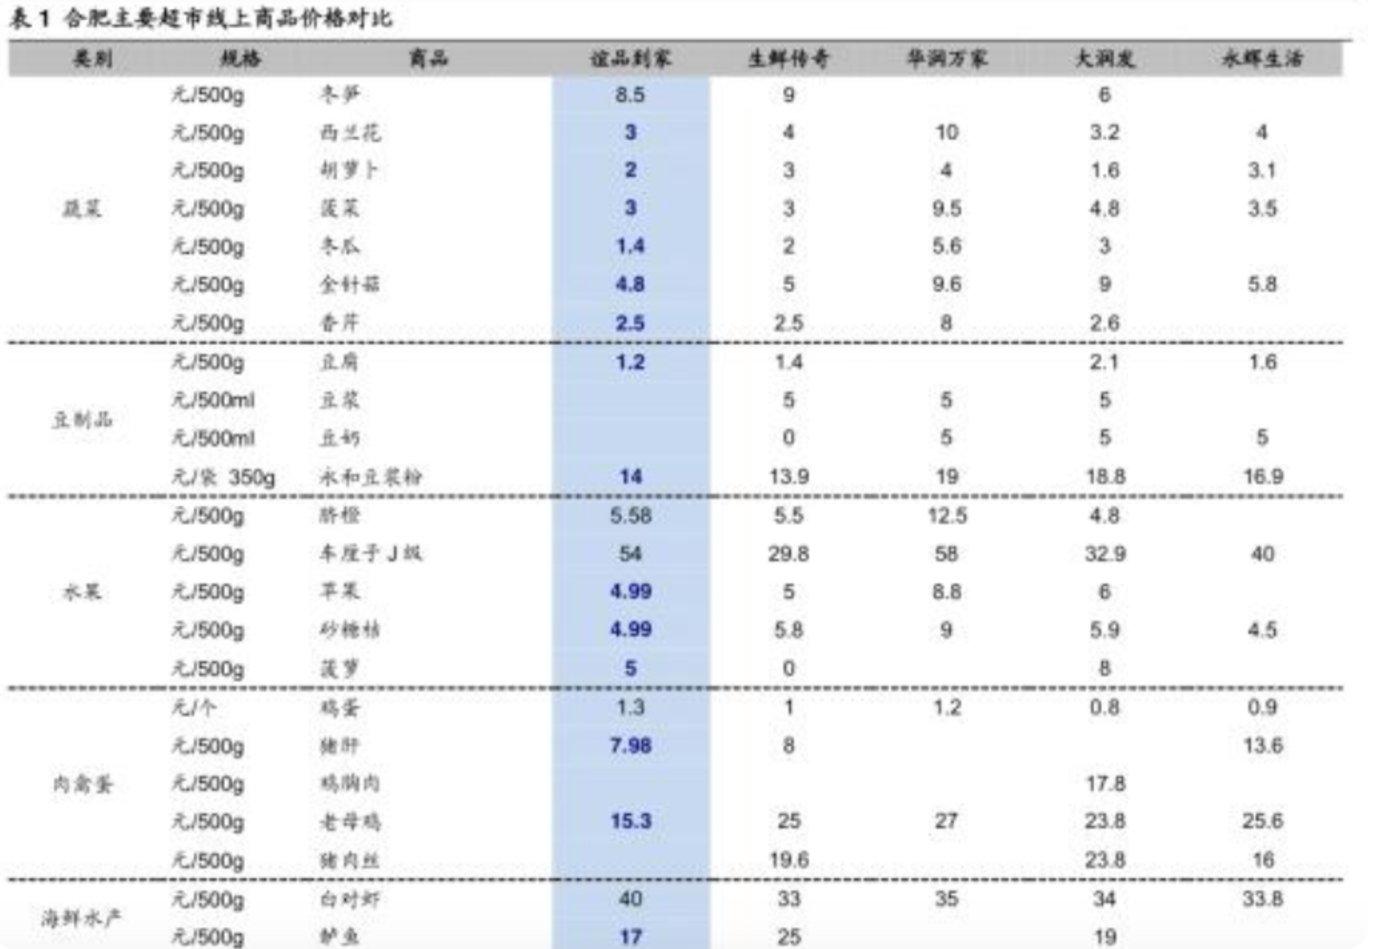 图:合肥主要超市线上商品价钱比照(数据来源:海通证券)